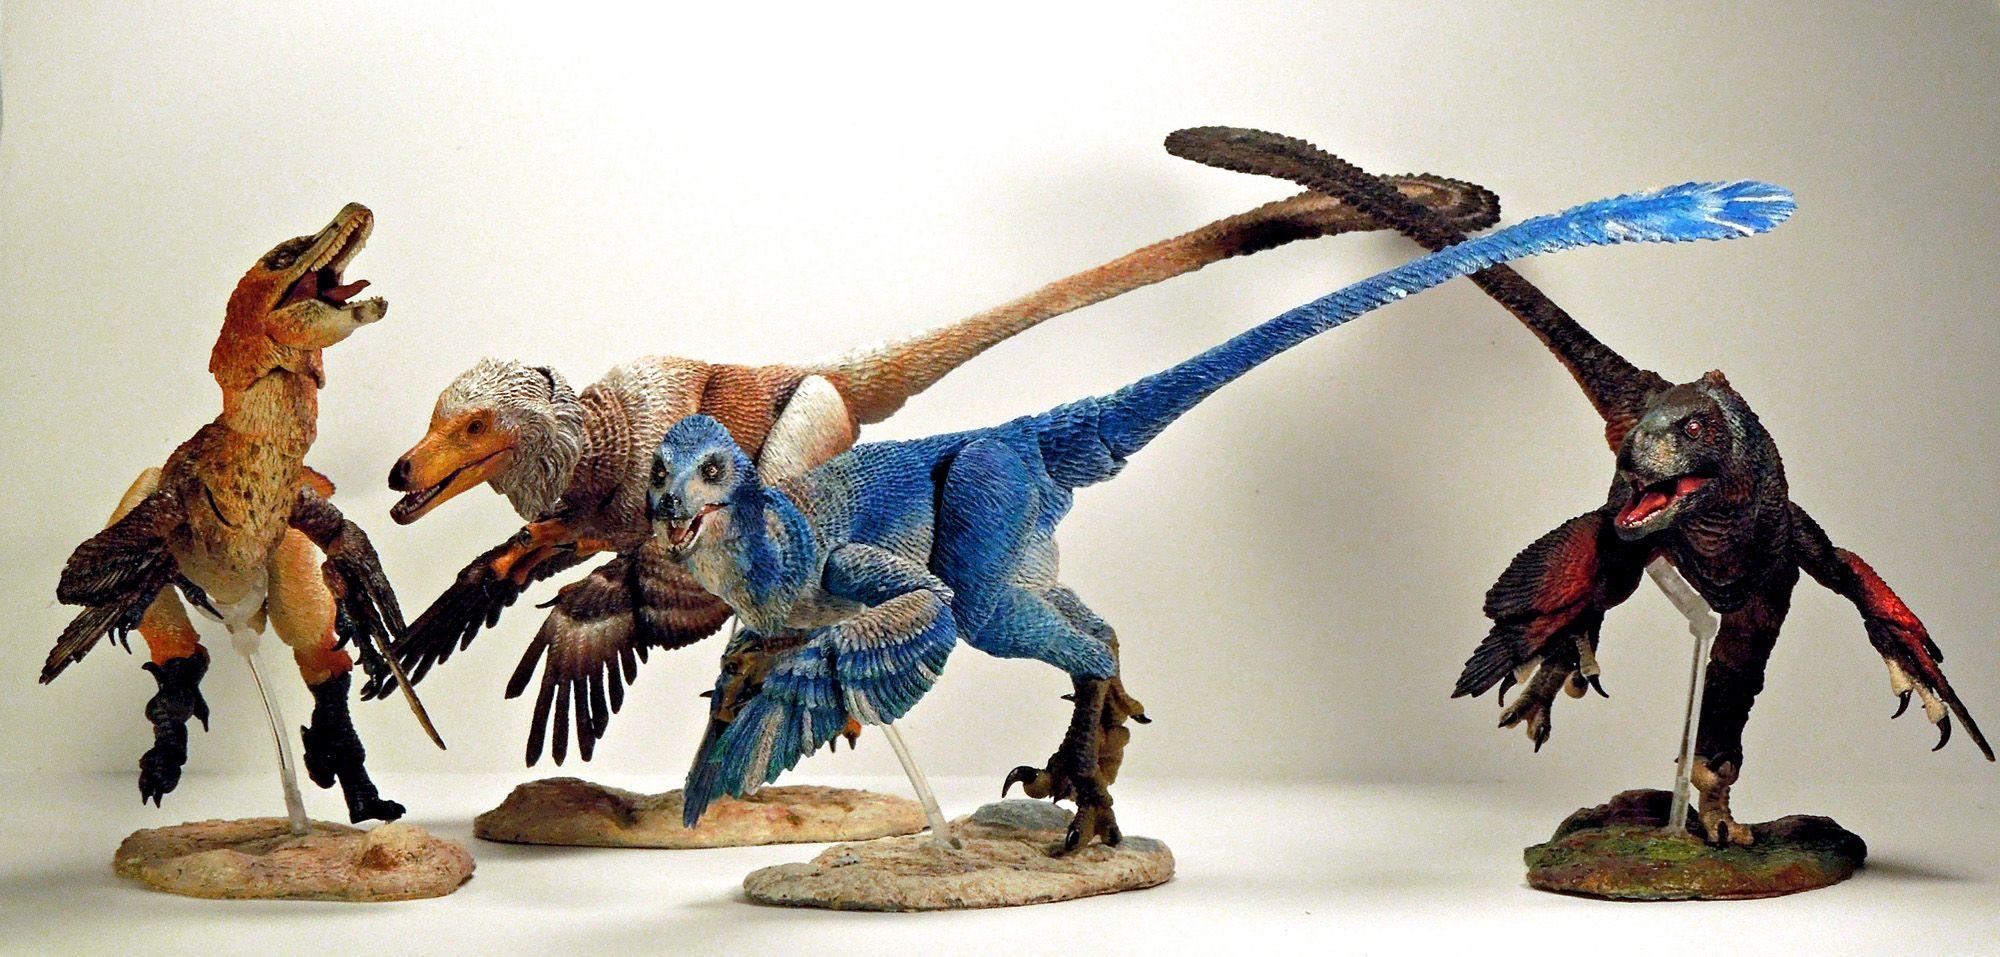 Dinosaur Christmas gift ideas for children who love prehistoric animals